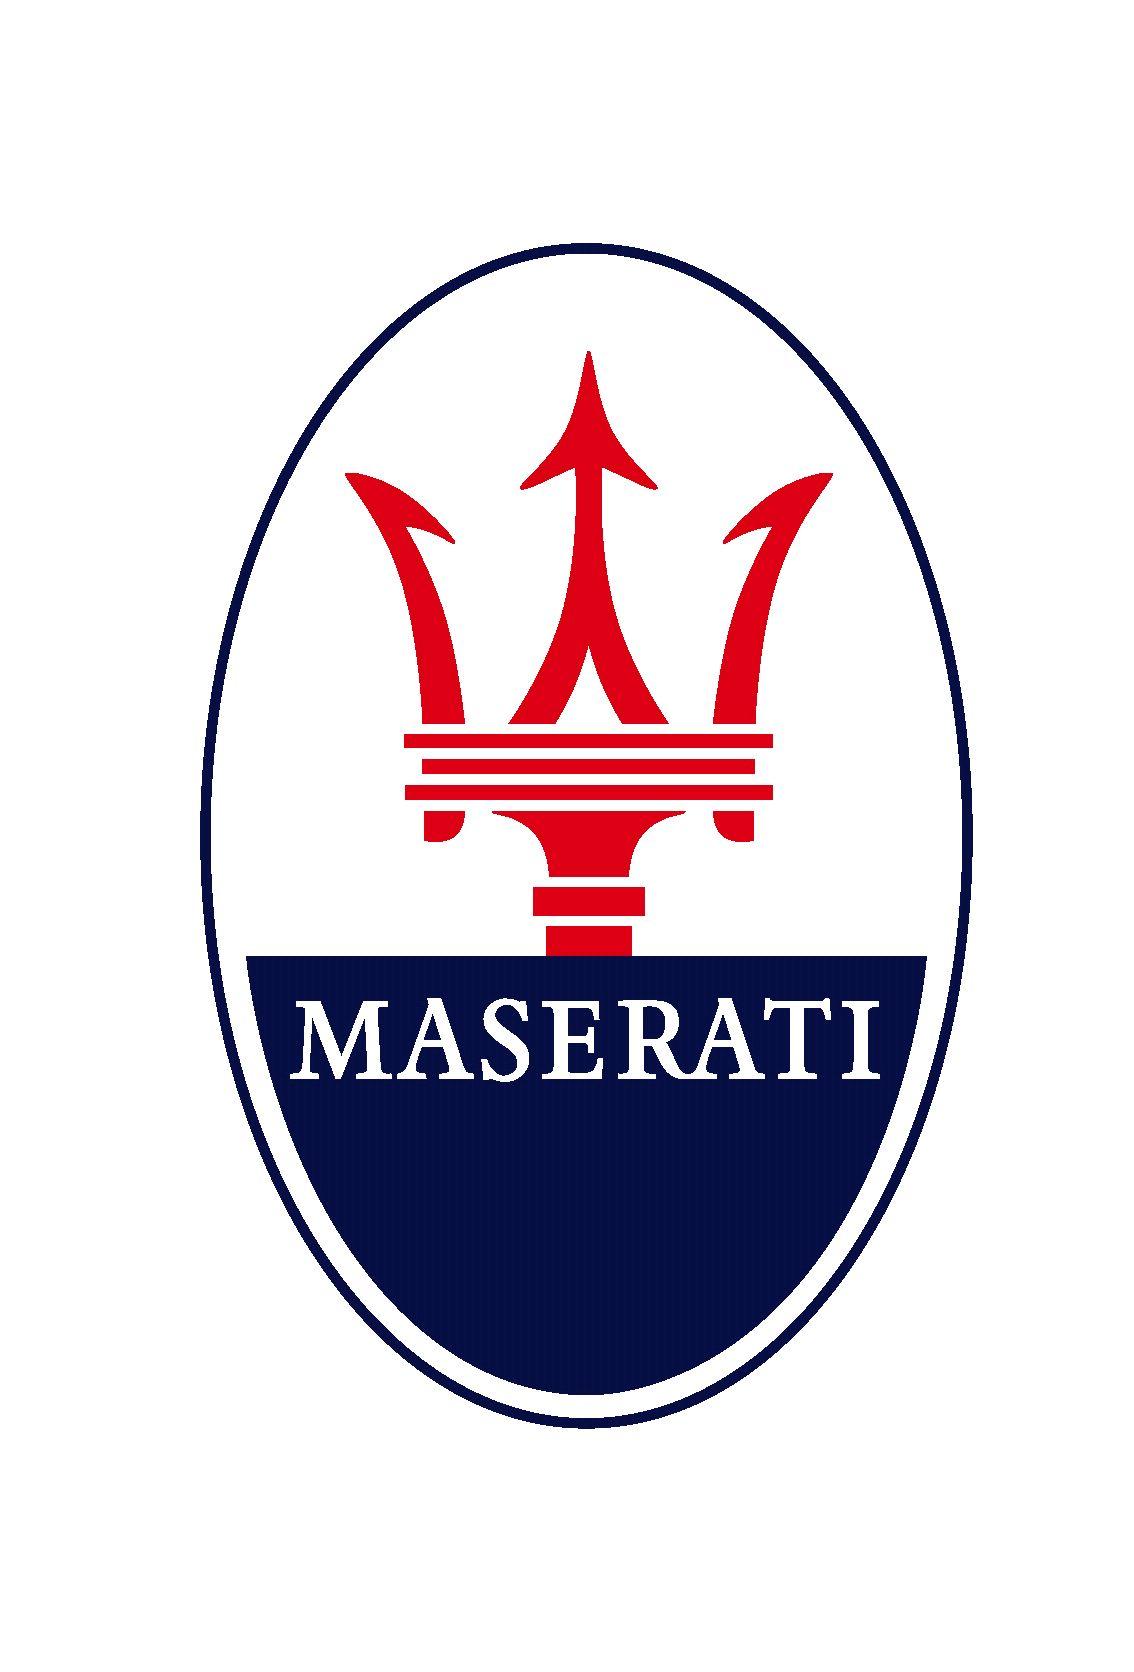 Maserati_neu